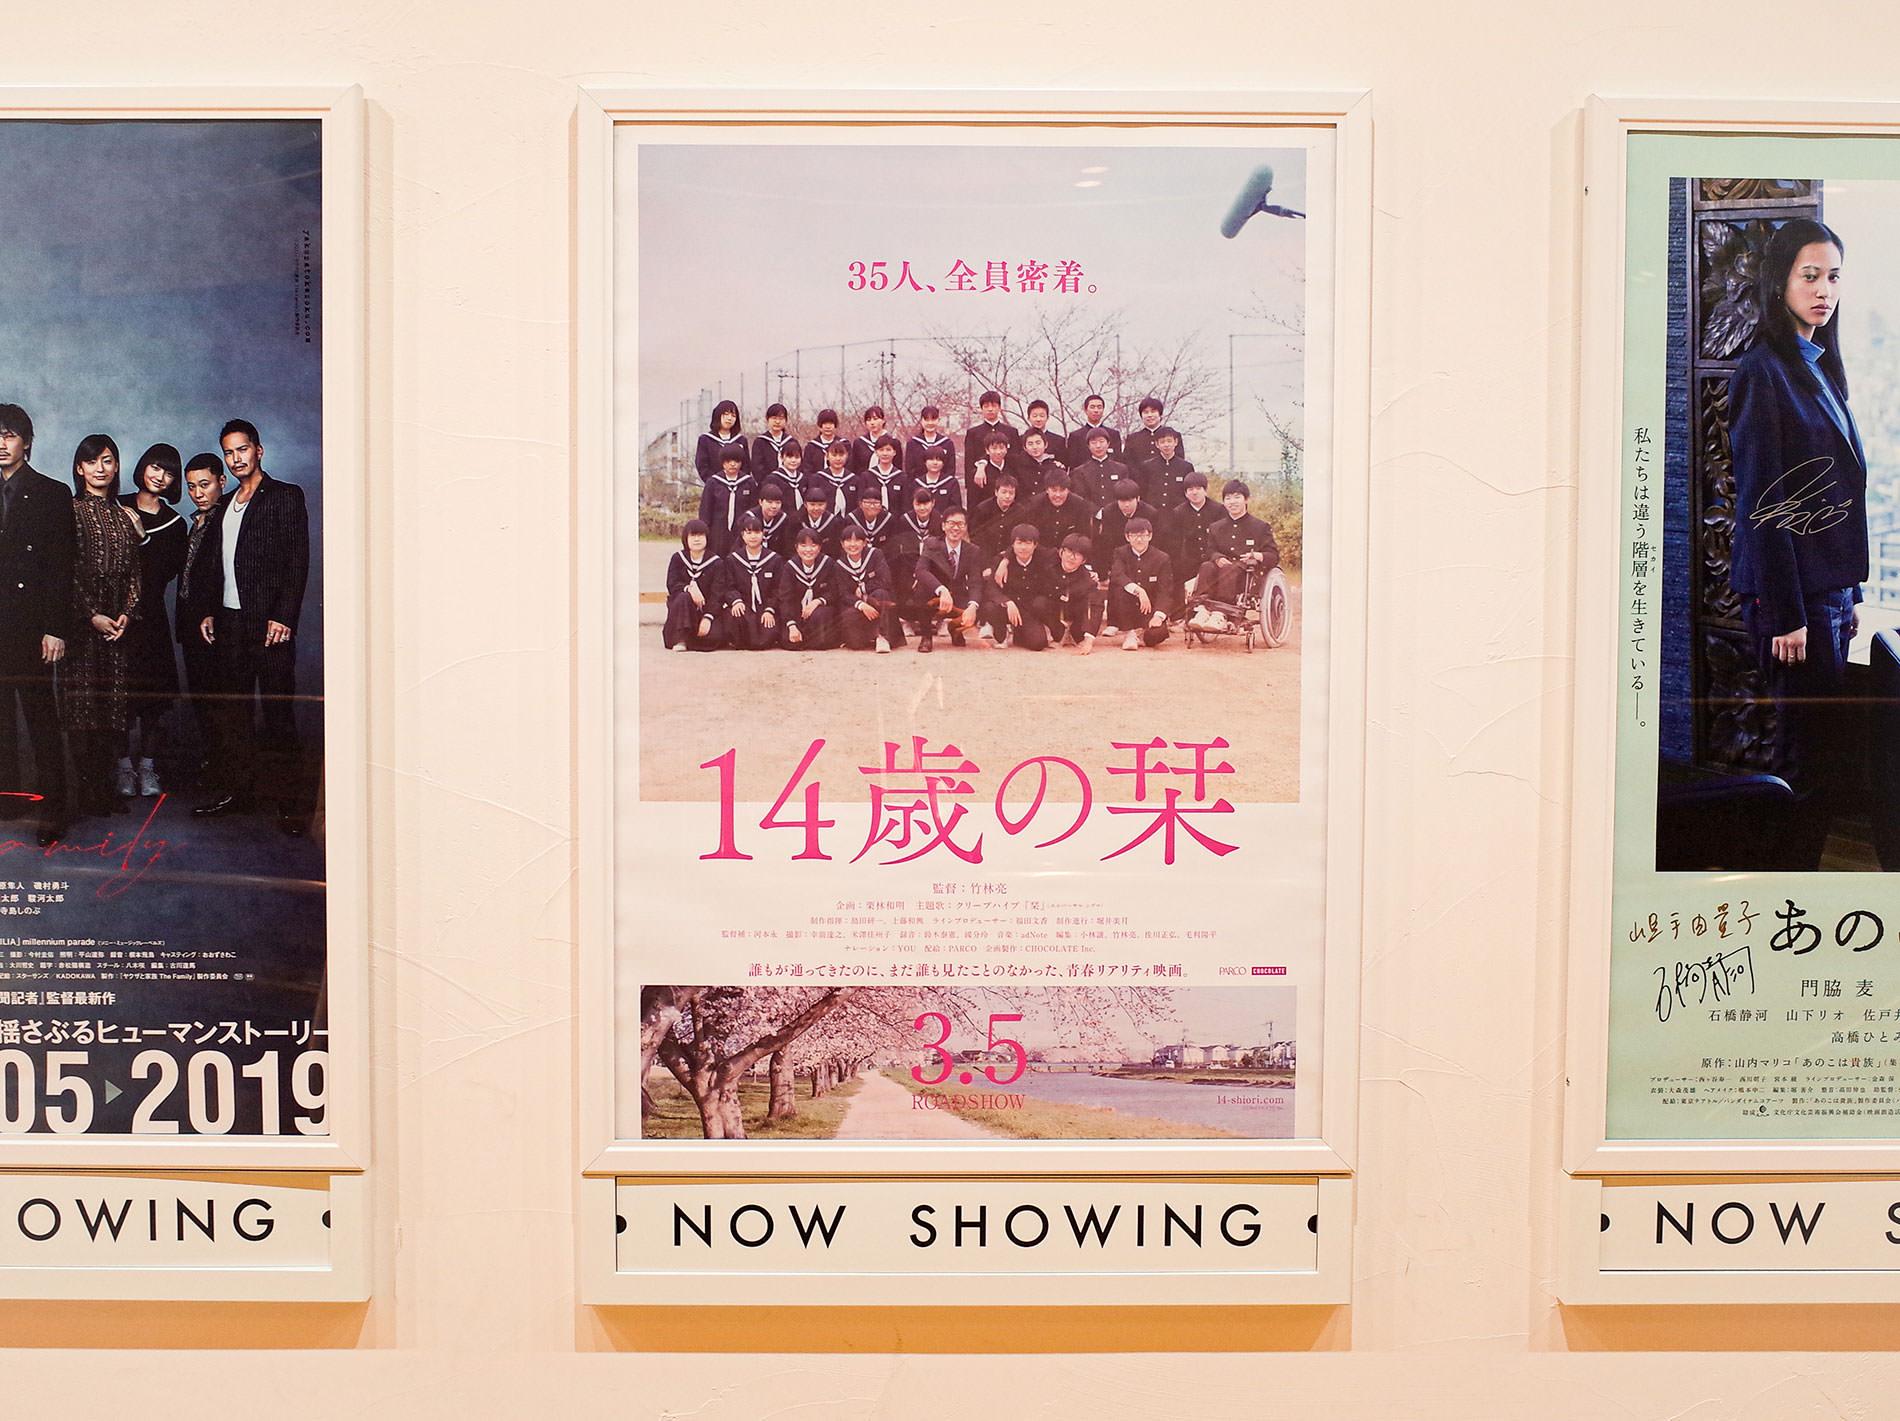 映画「14歳の栞」を鑑賞してきました / movie_14-shiori_2021